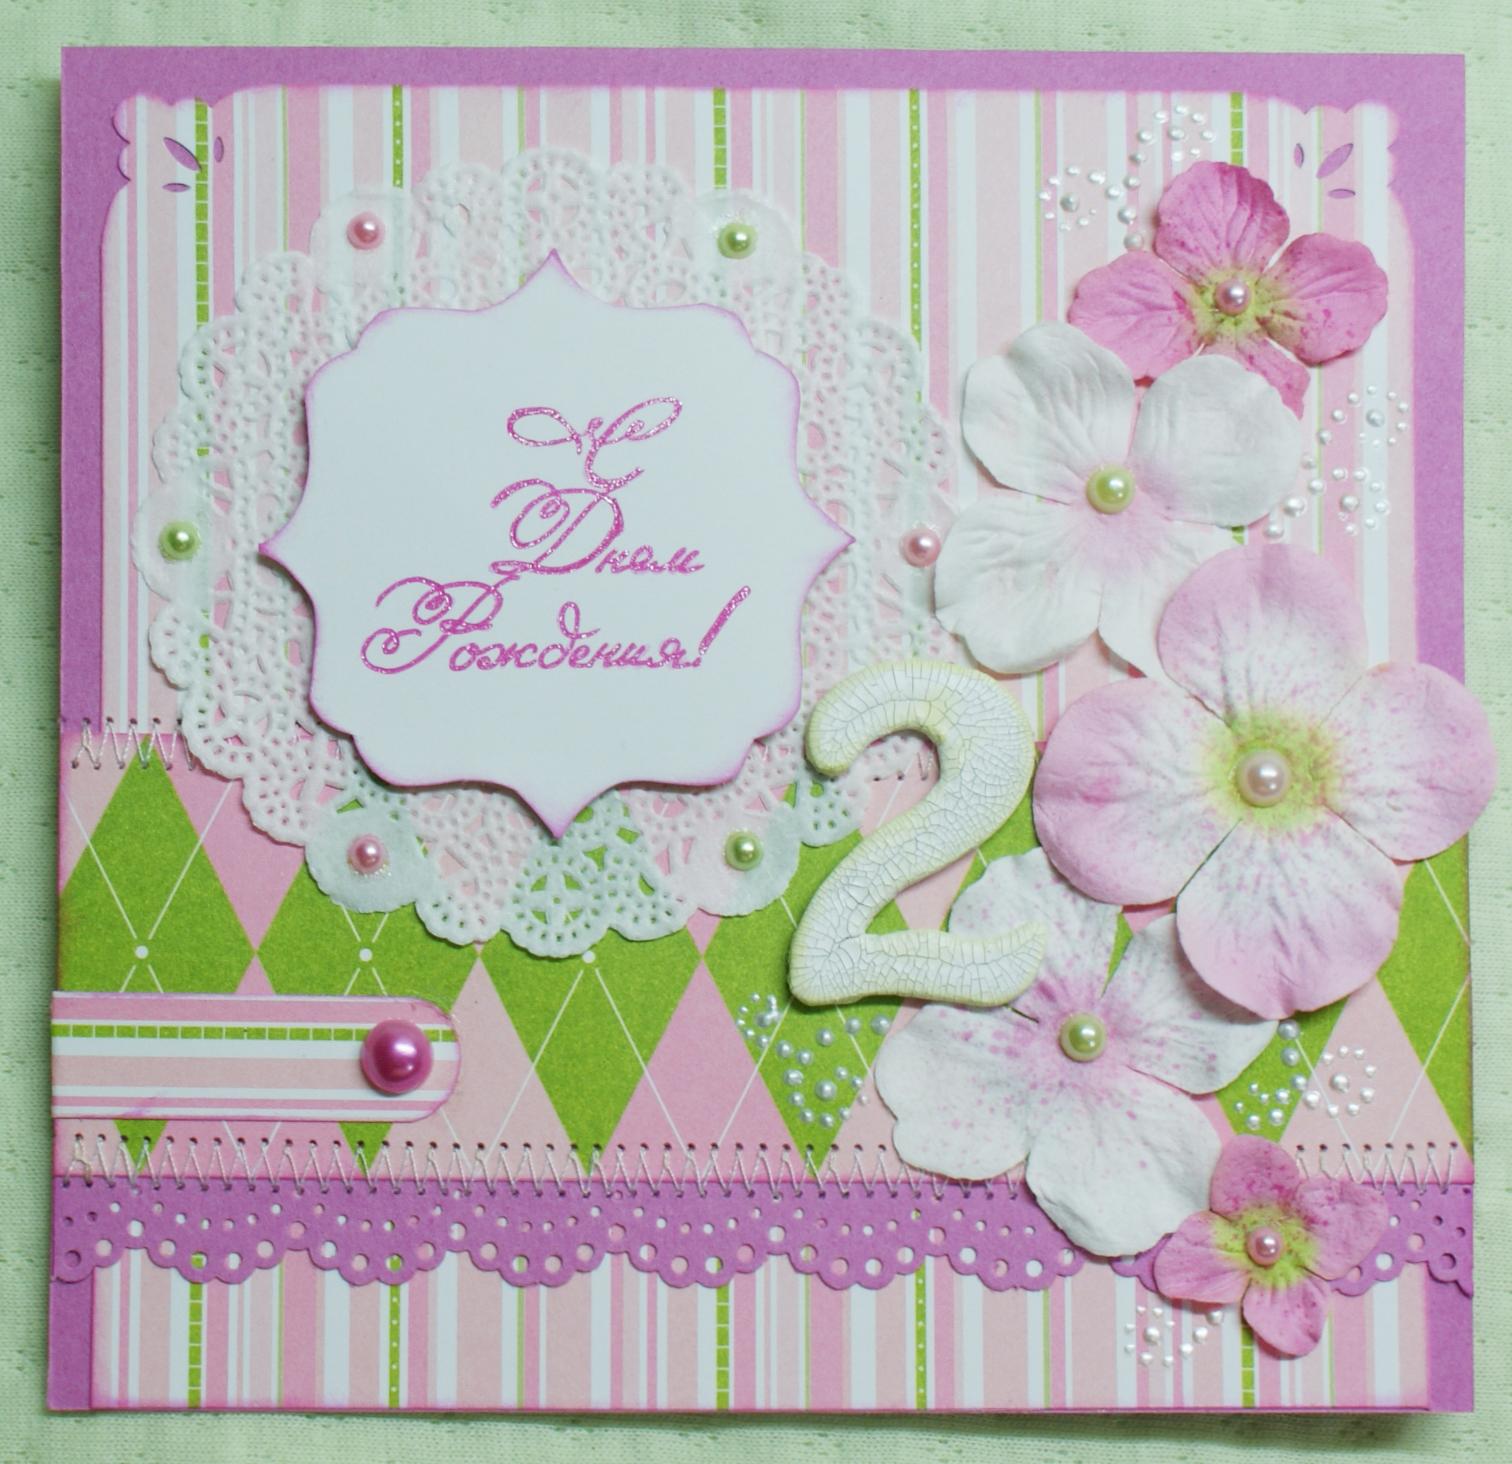 Бесплатные открытки с поздравлением с рождением детей - скачать 23